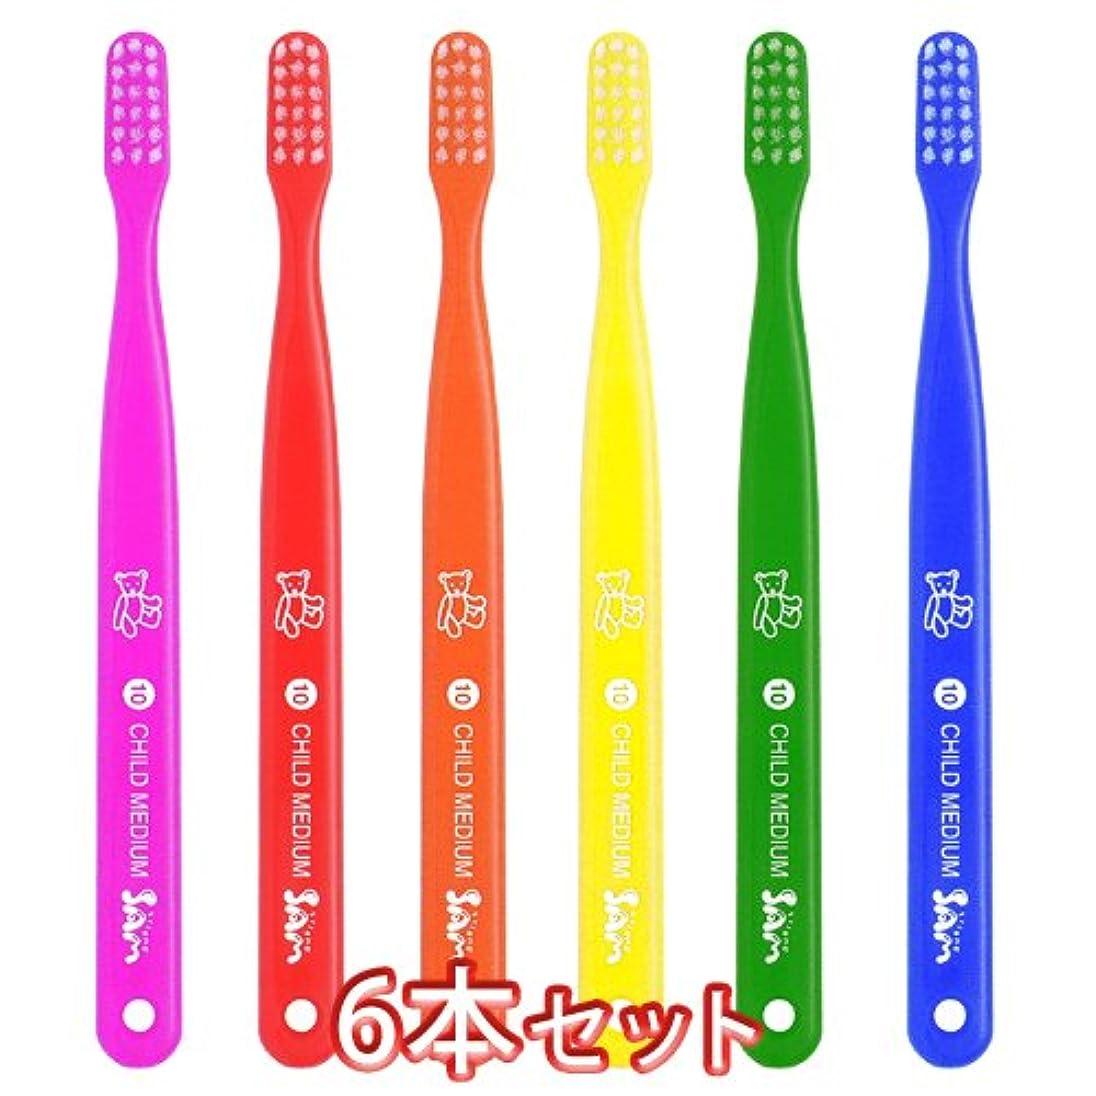 サムフレンド ベーシック 歯ブラシ × 6本 アソート (10)